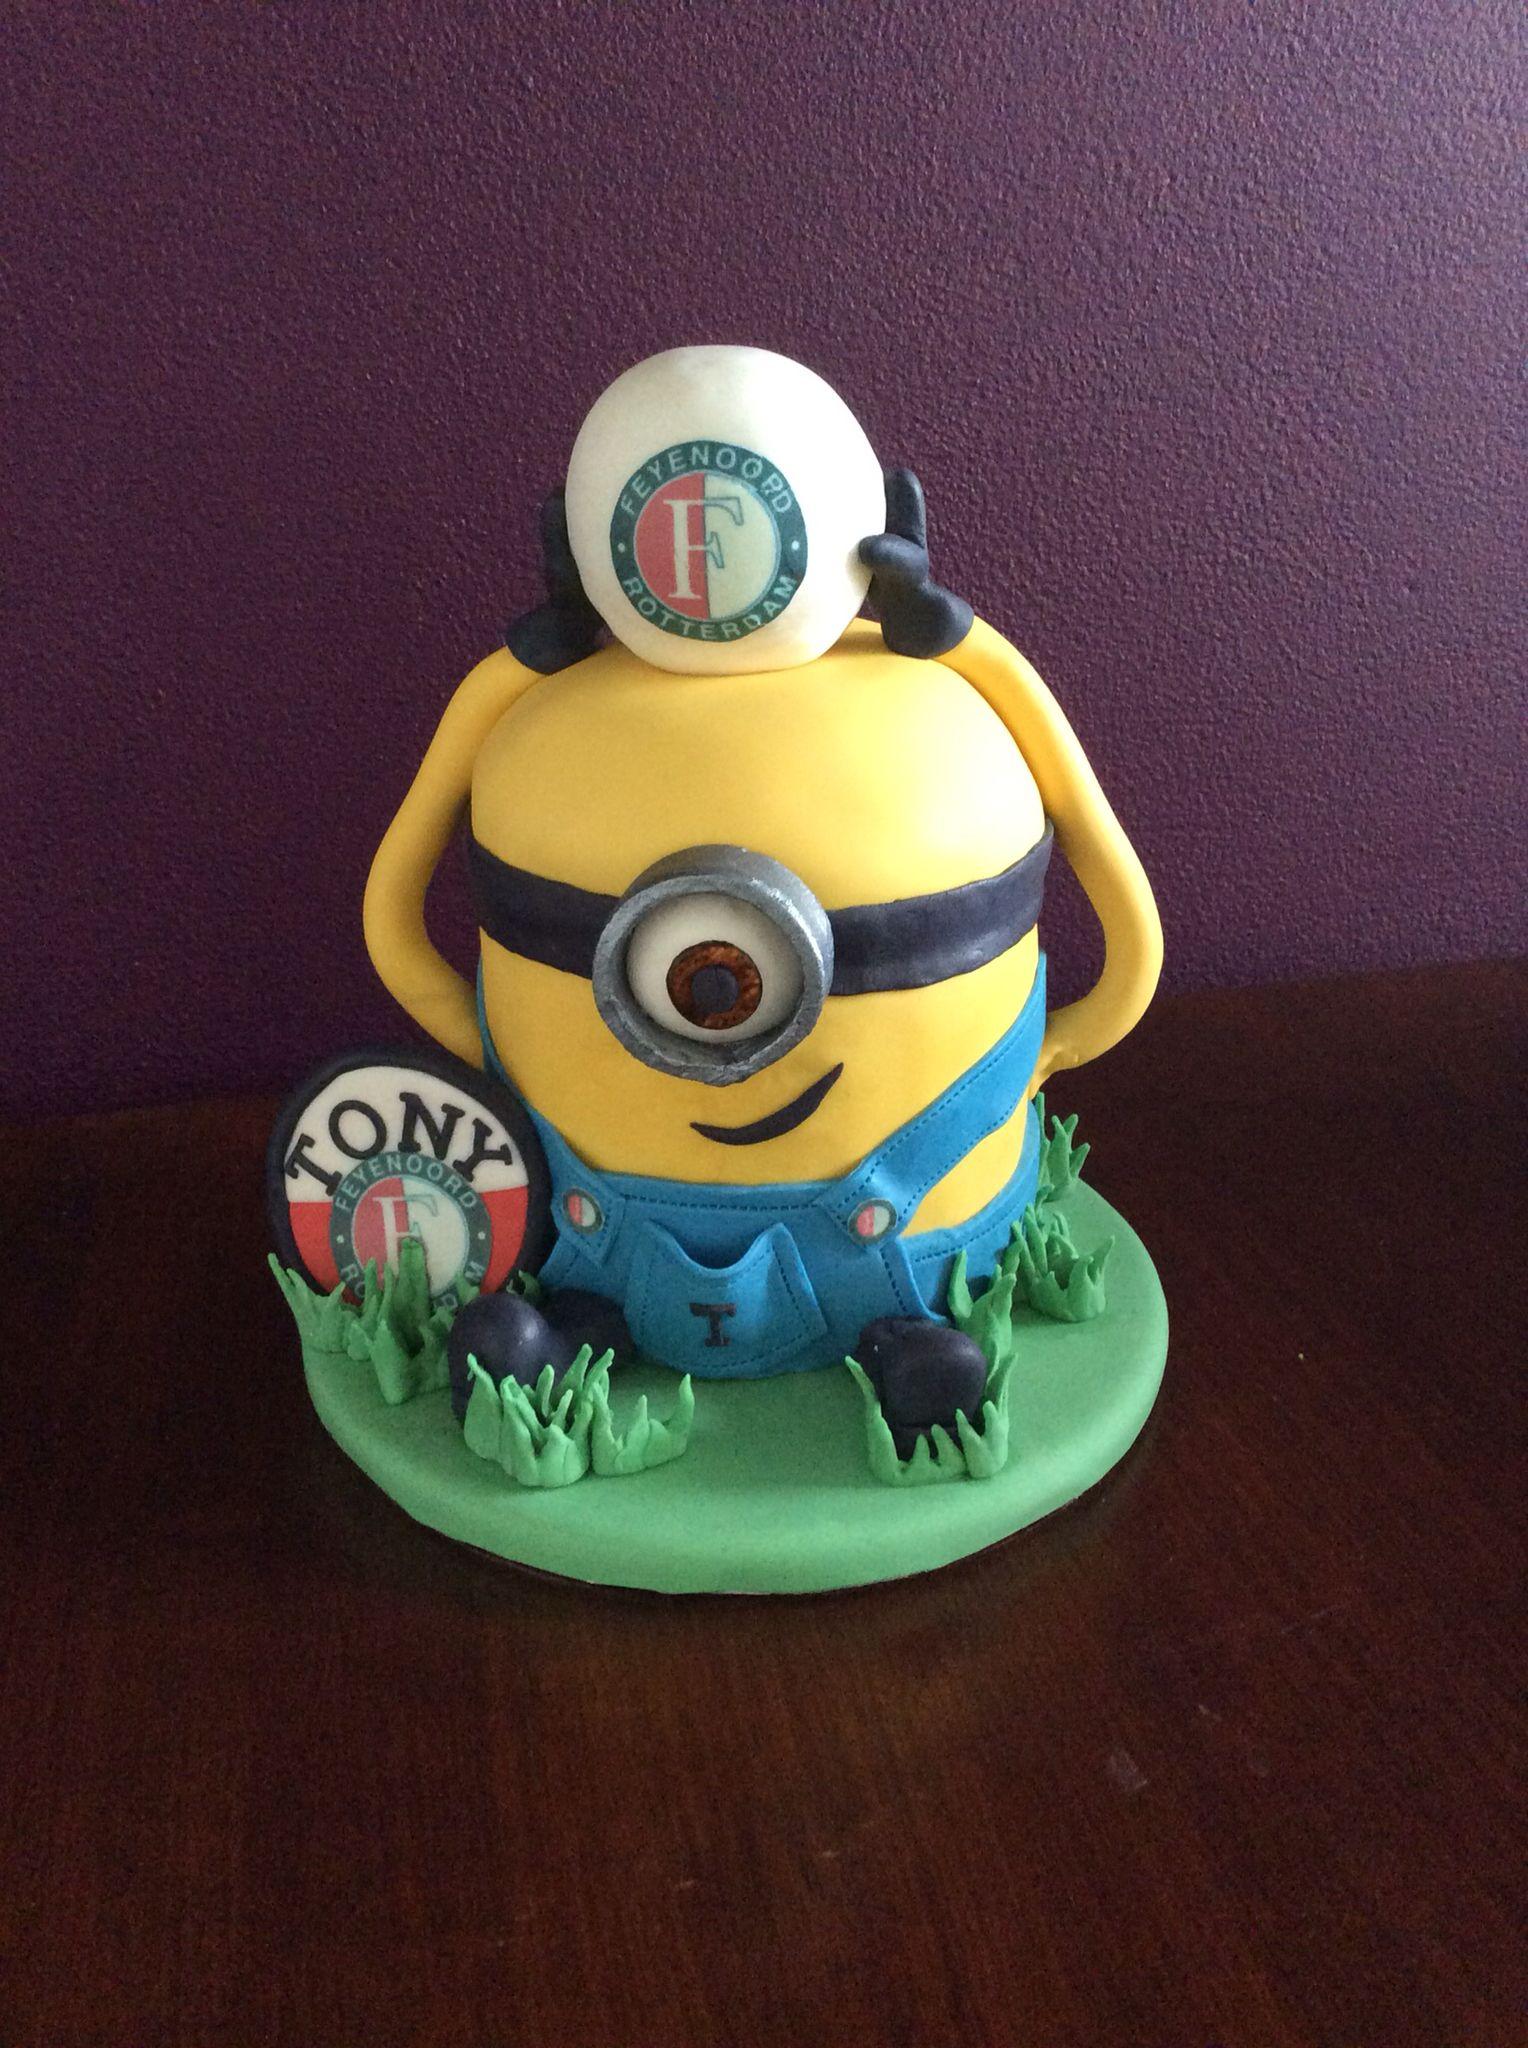 Tony houdt van Minions en voetbal 😃 | Minions, Minion ...